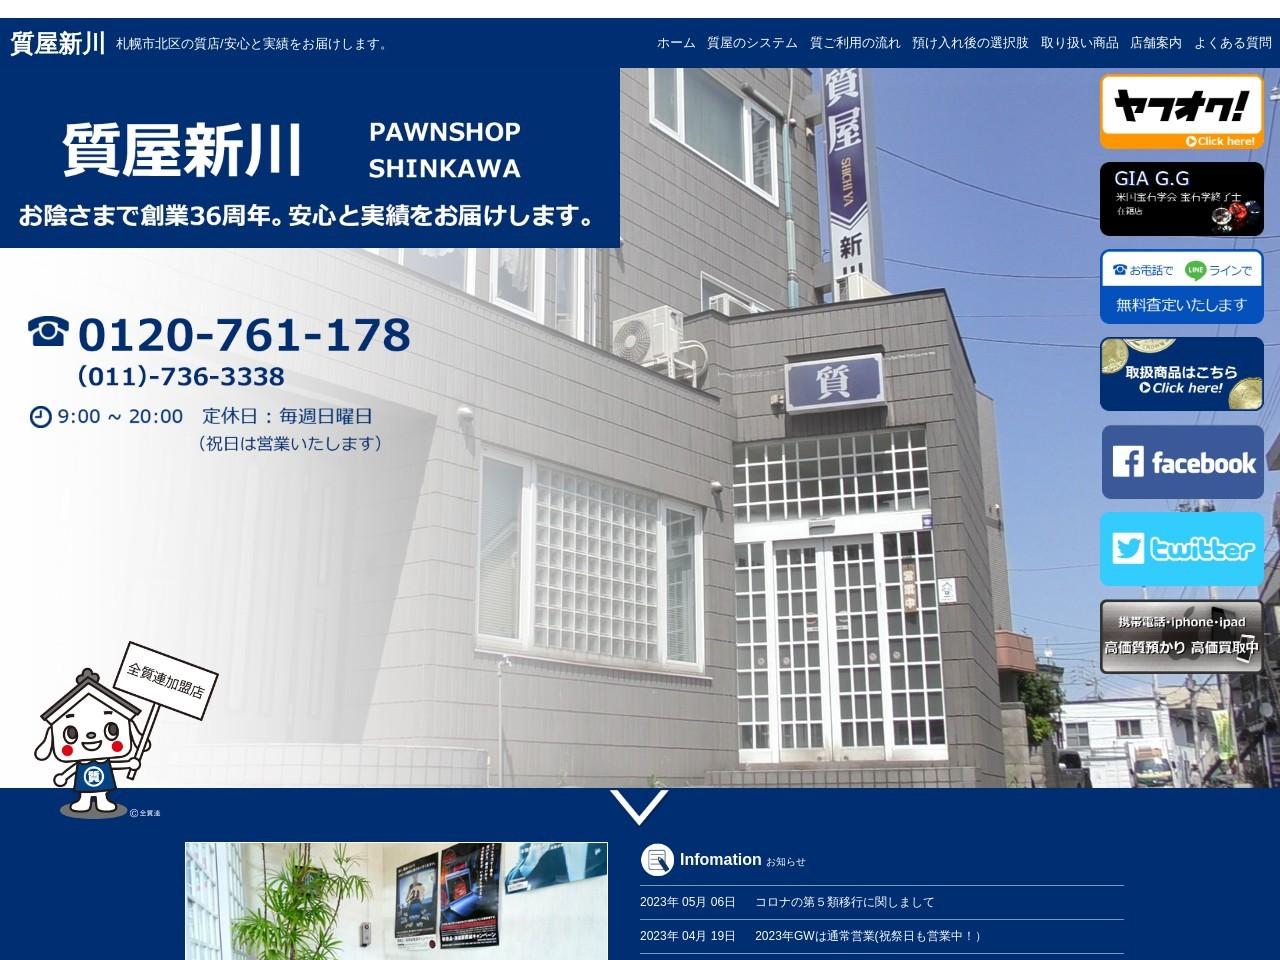 質屋新川/札幌市北区の高価質預・買取 大切な品物をお預かりします!